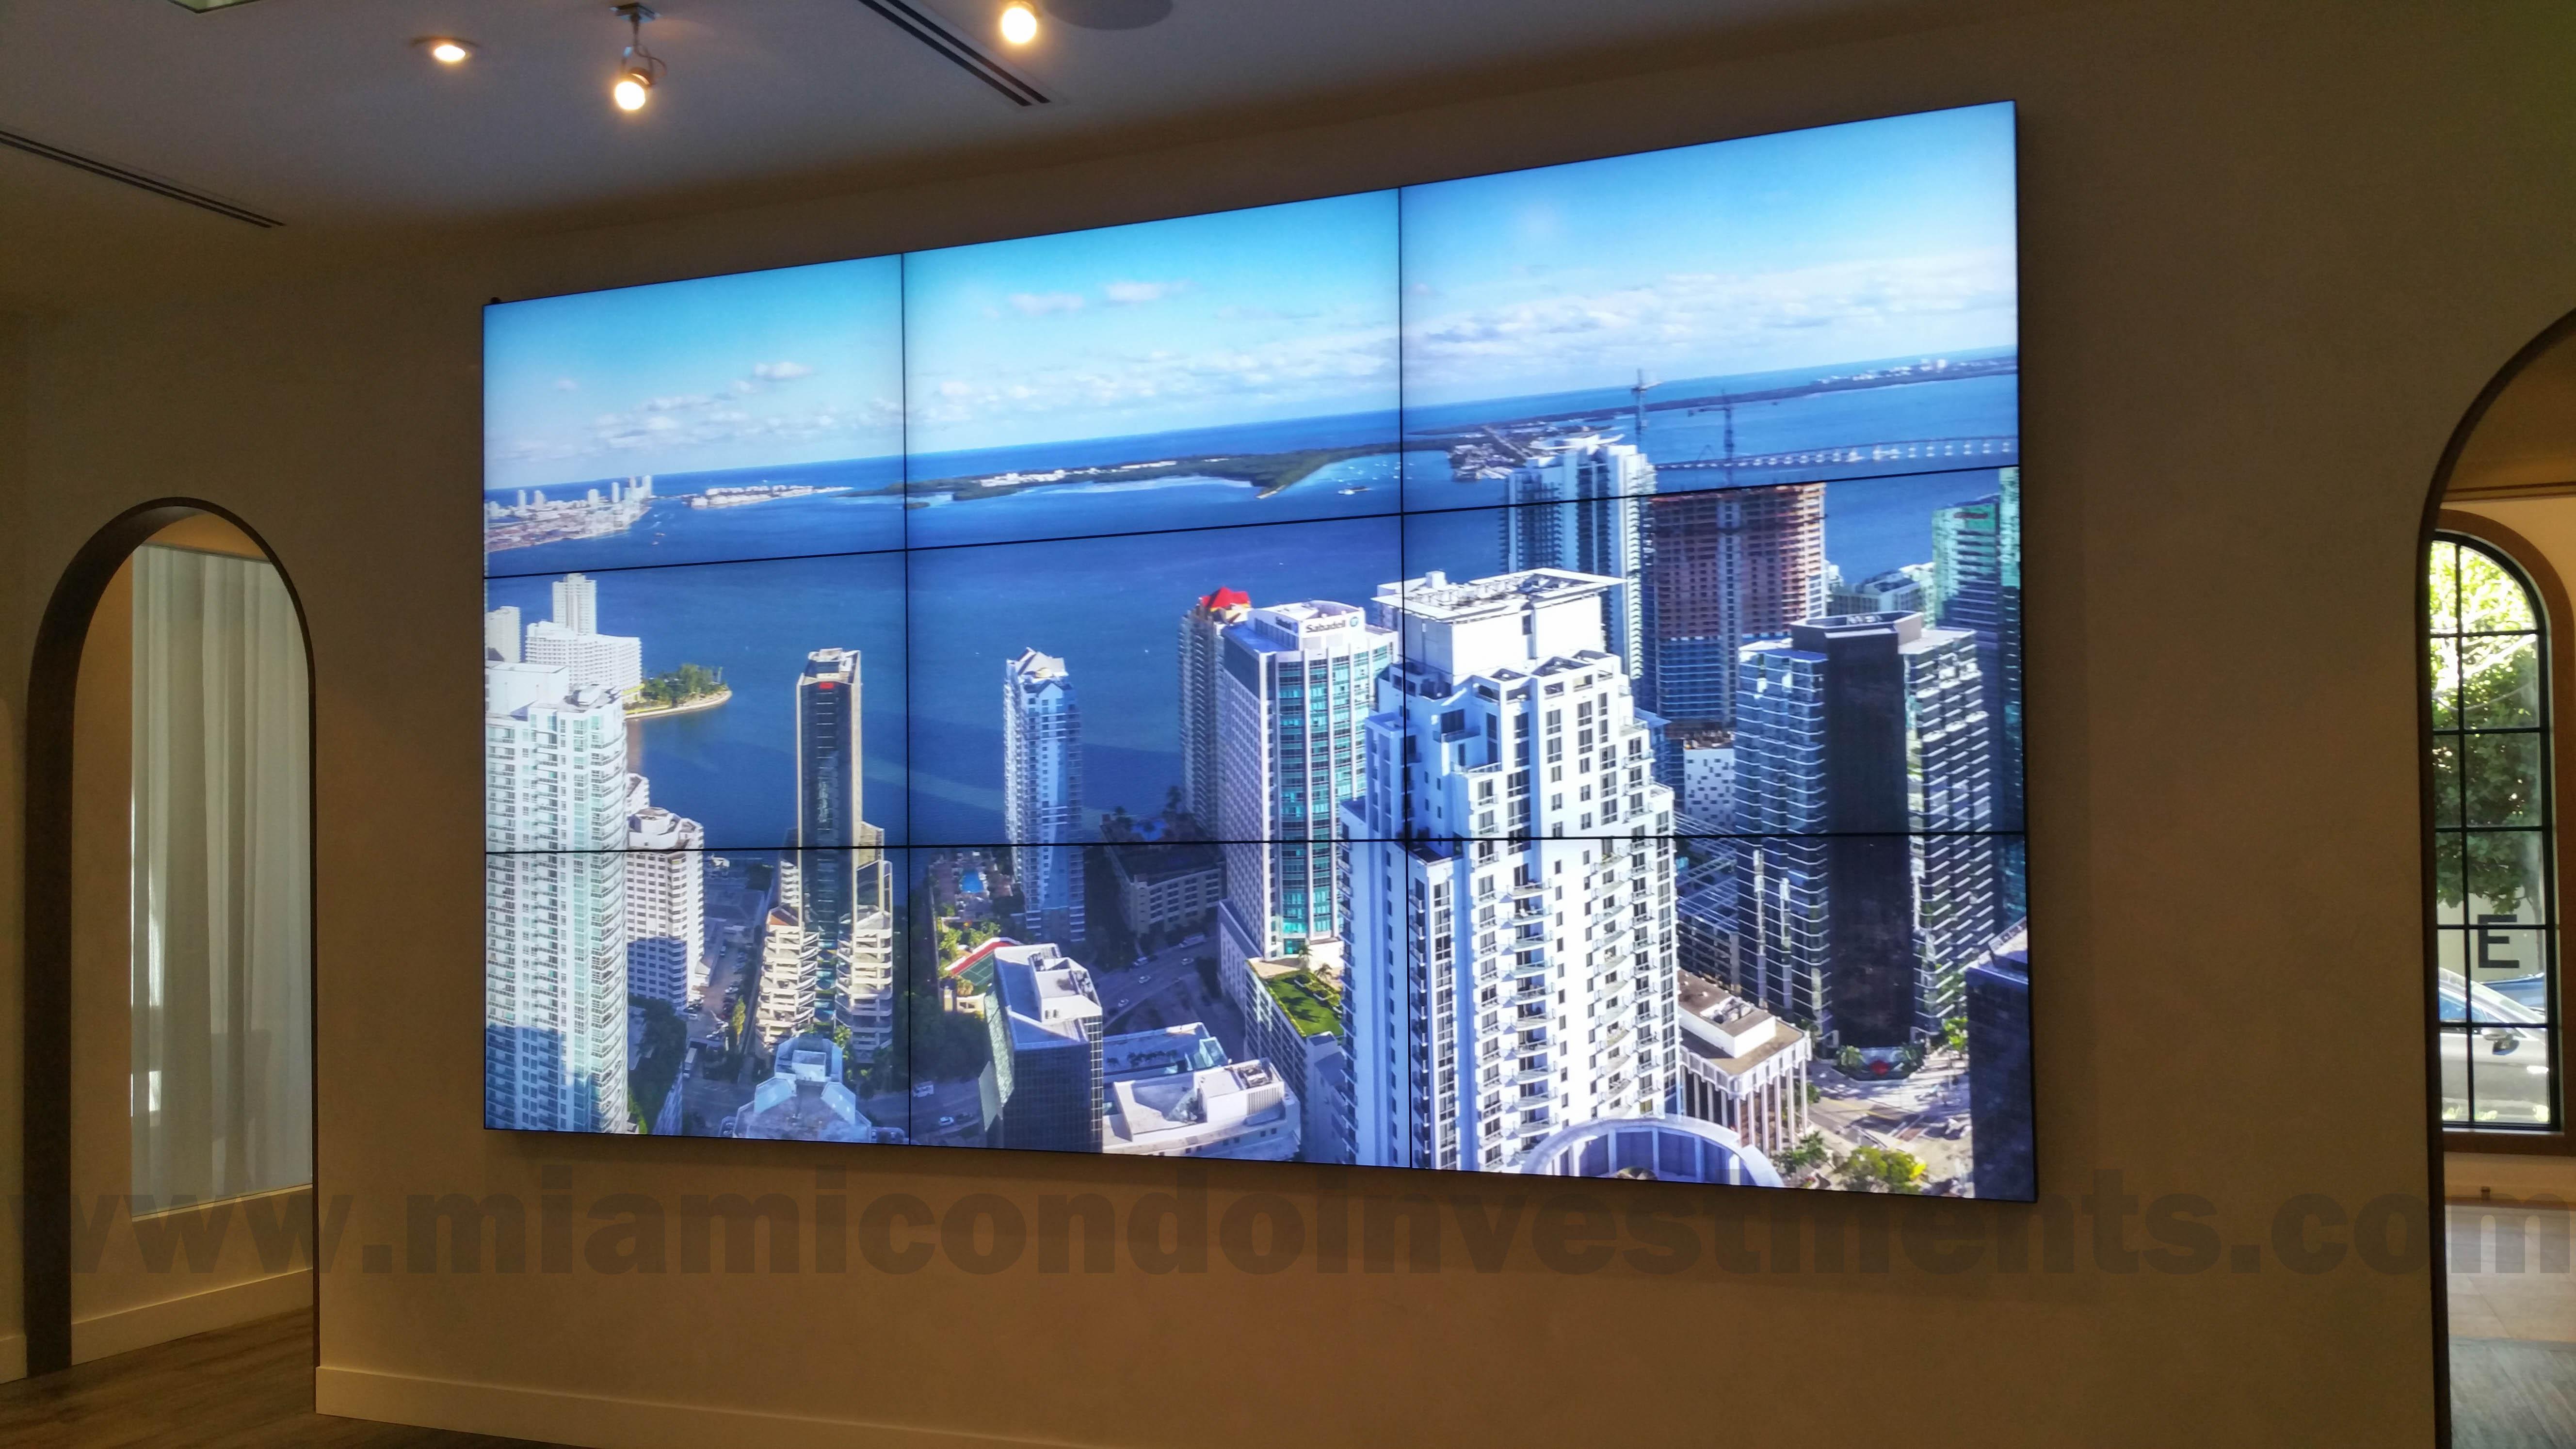 Brickell Flatiron Sales and Design Gallery